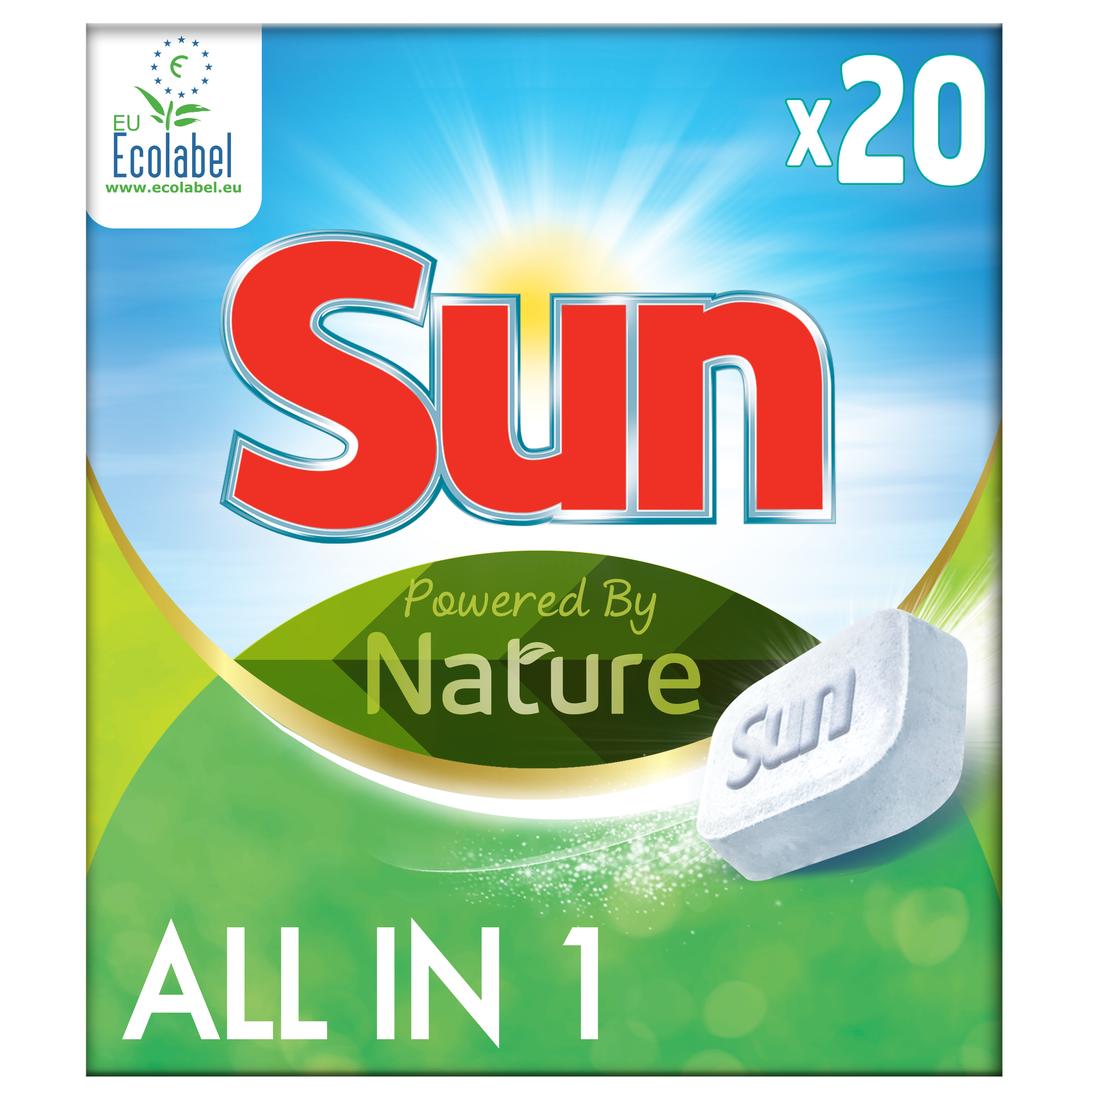 Truckload of Sun Dishwashing Detergent, 23,800 Pieces/1,700 Cases, Ext. Retail €190,162, Tiel, NL